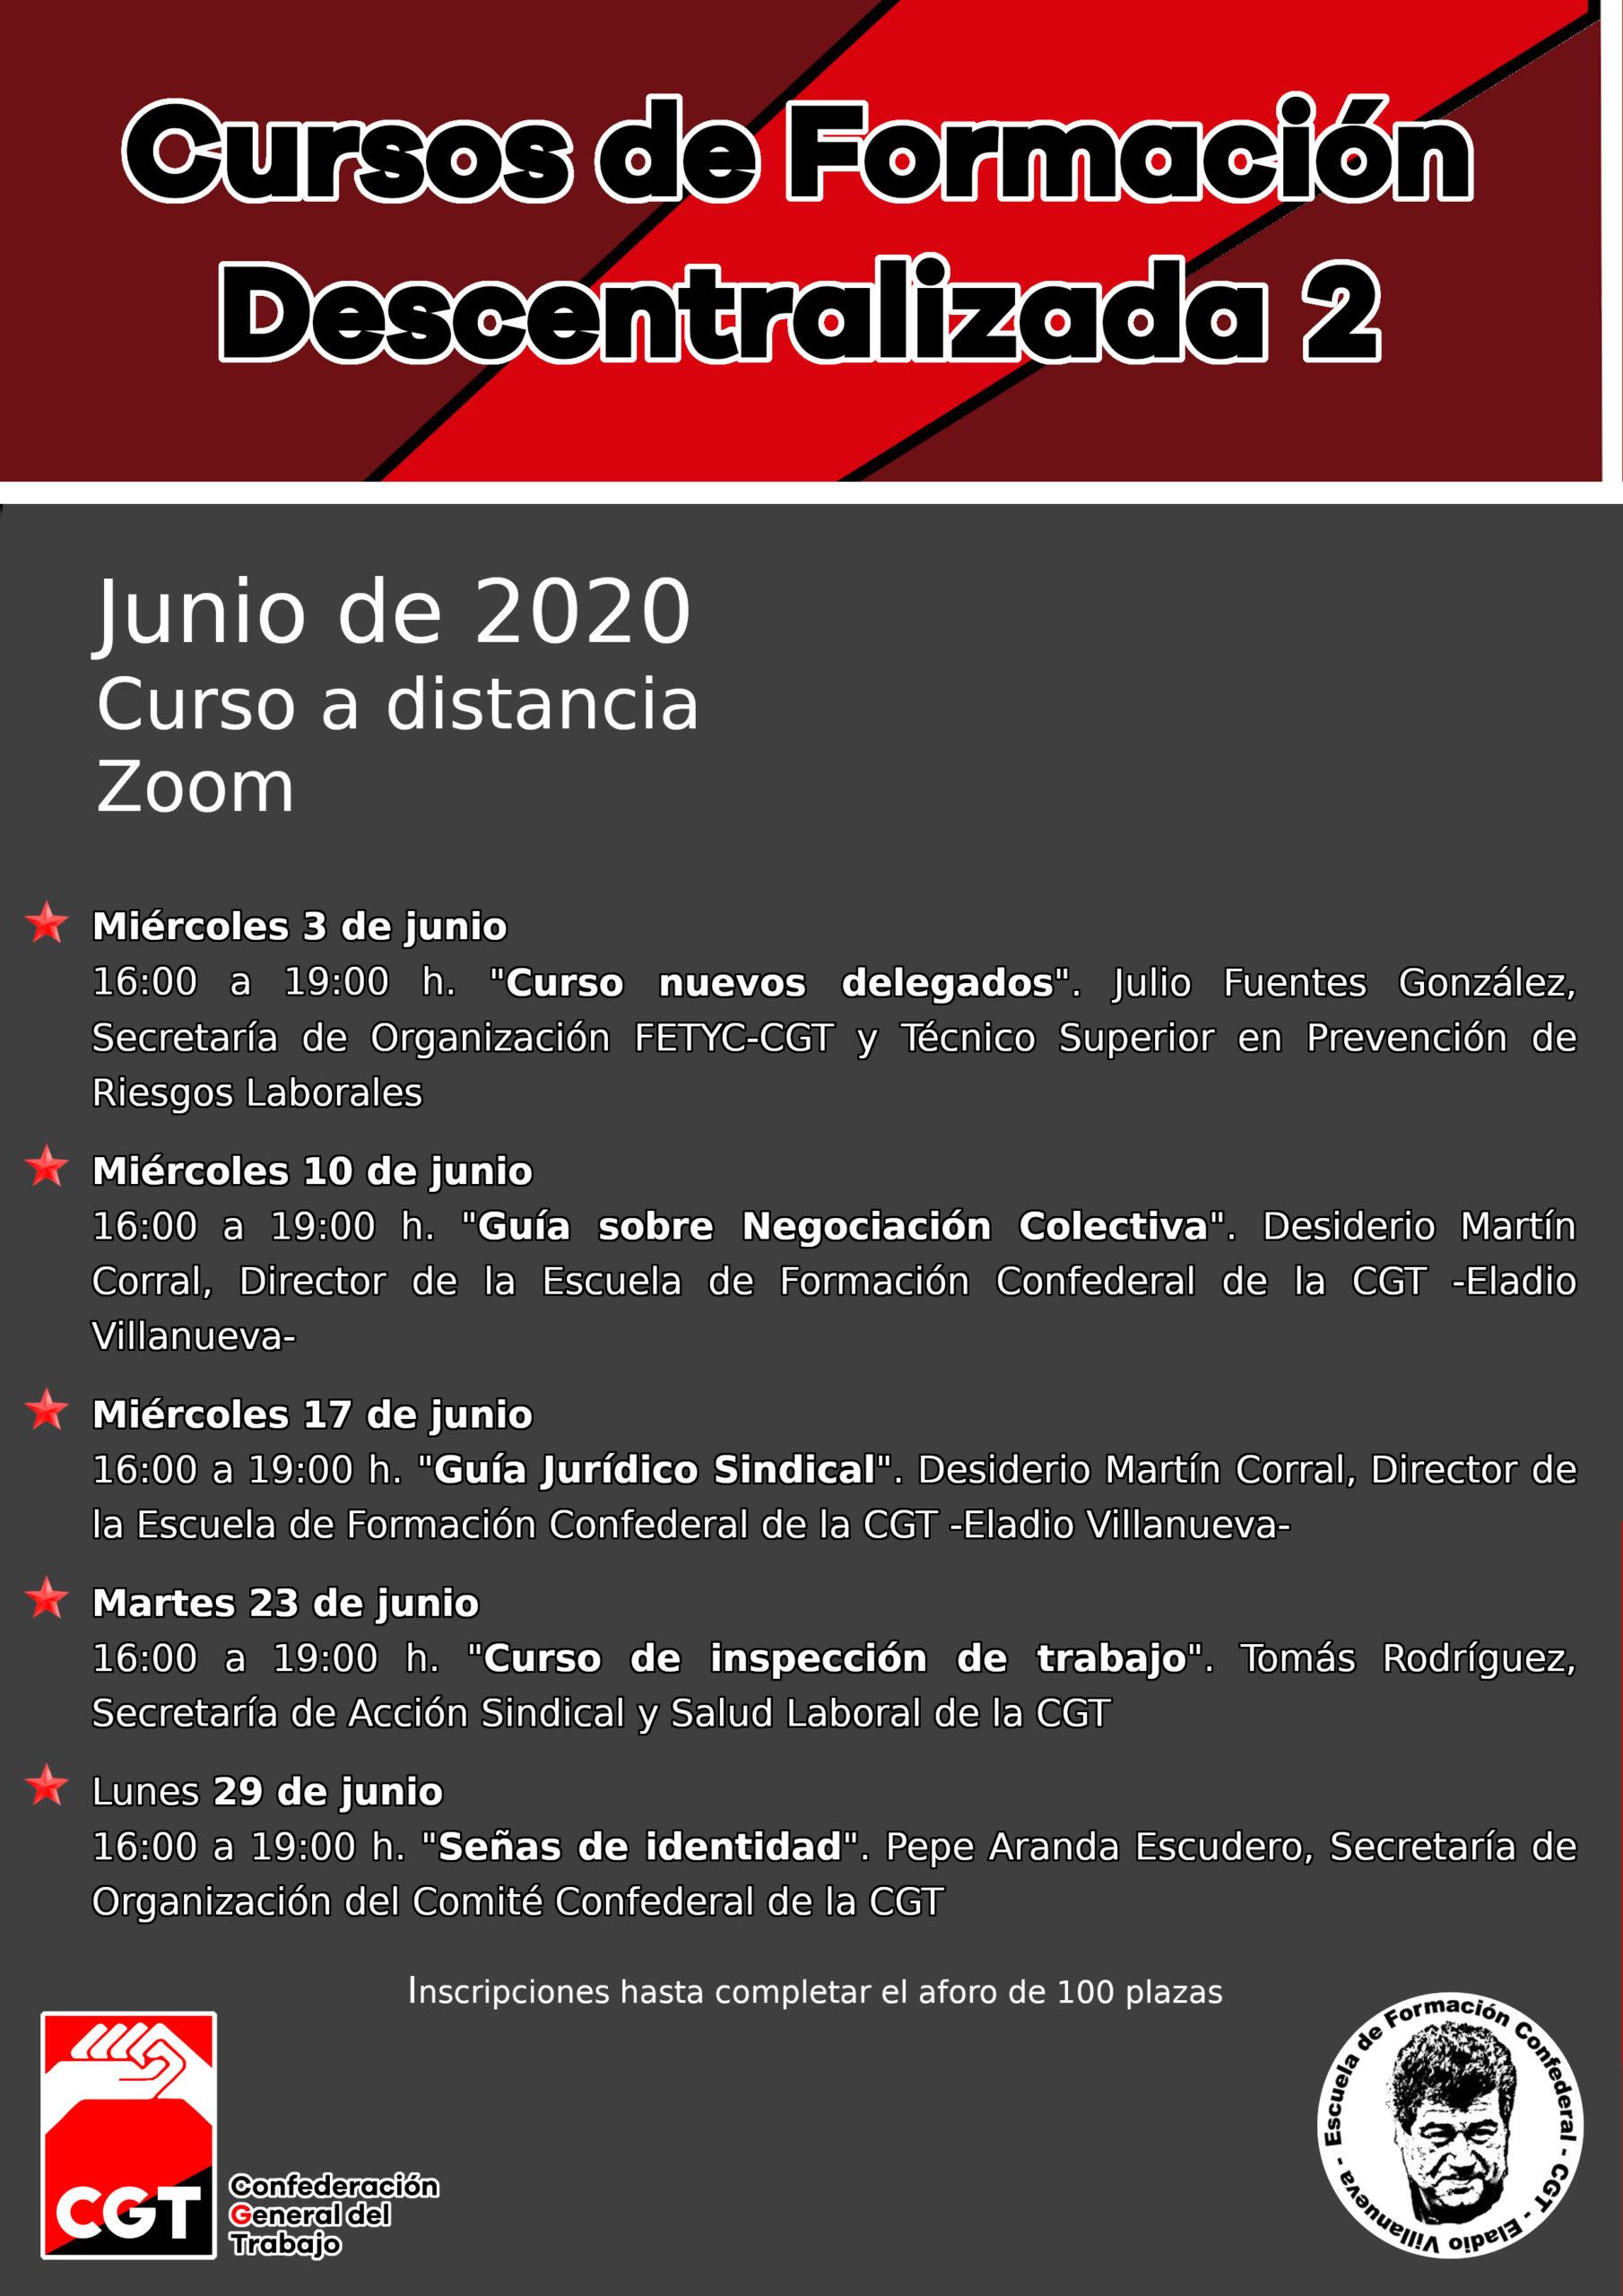 Cursos de Formación Descentralizada junio 2020